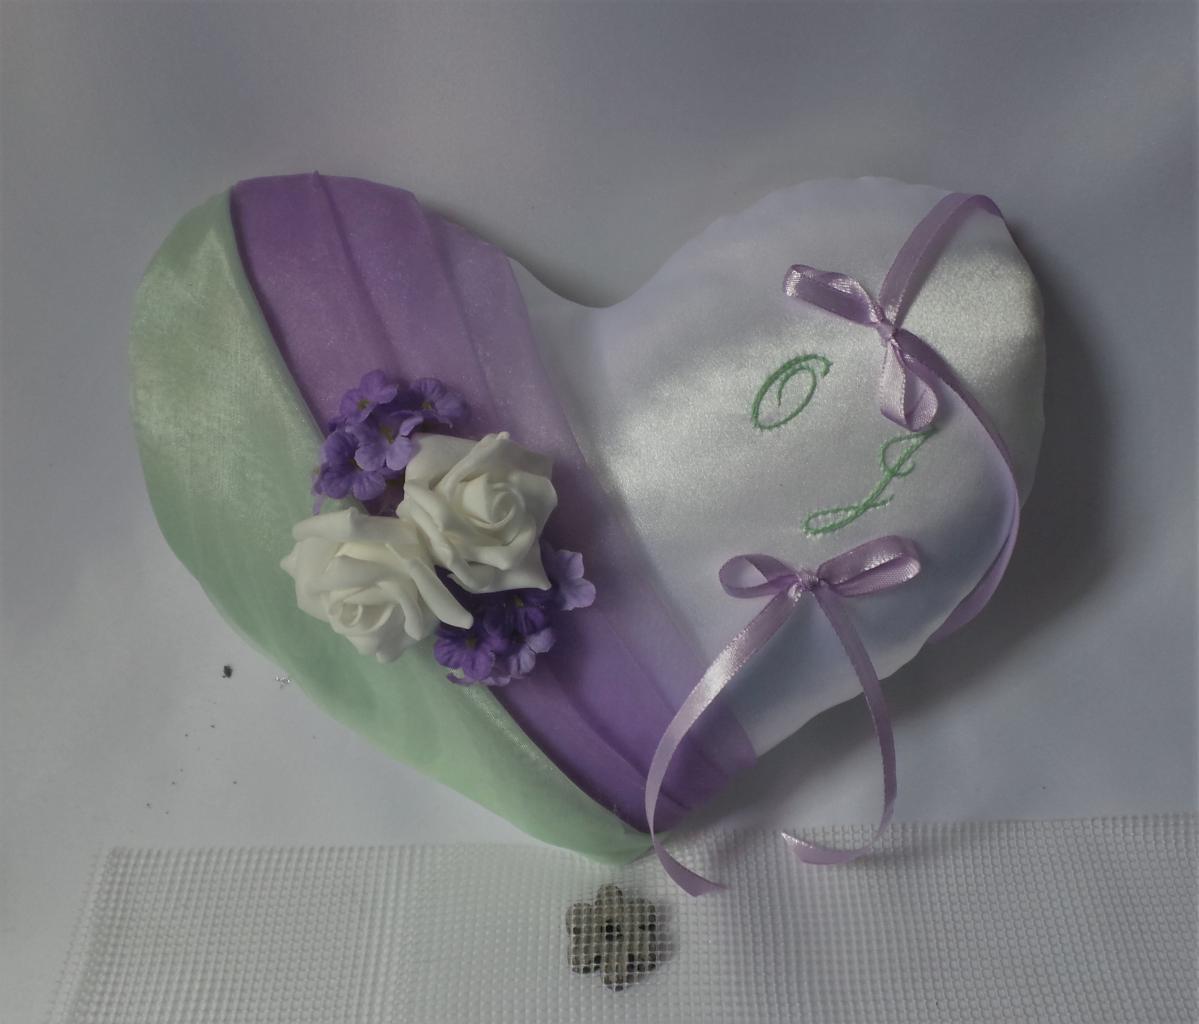 coussin de mariage provence coeur parme lavande vert d'eau